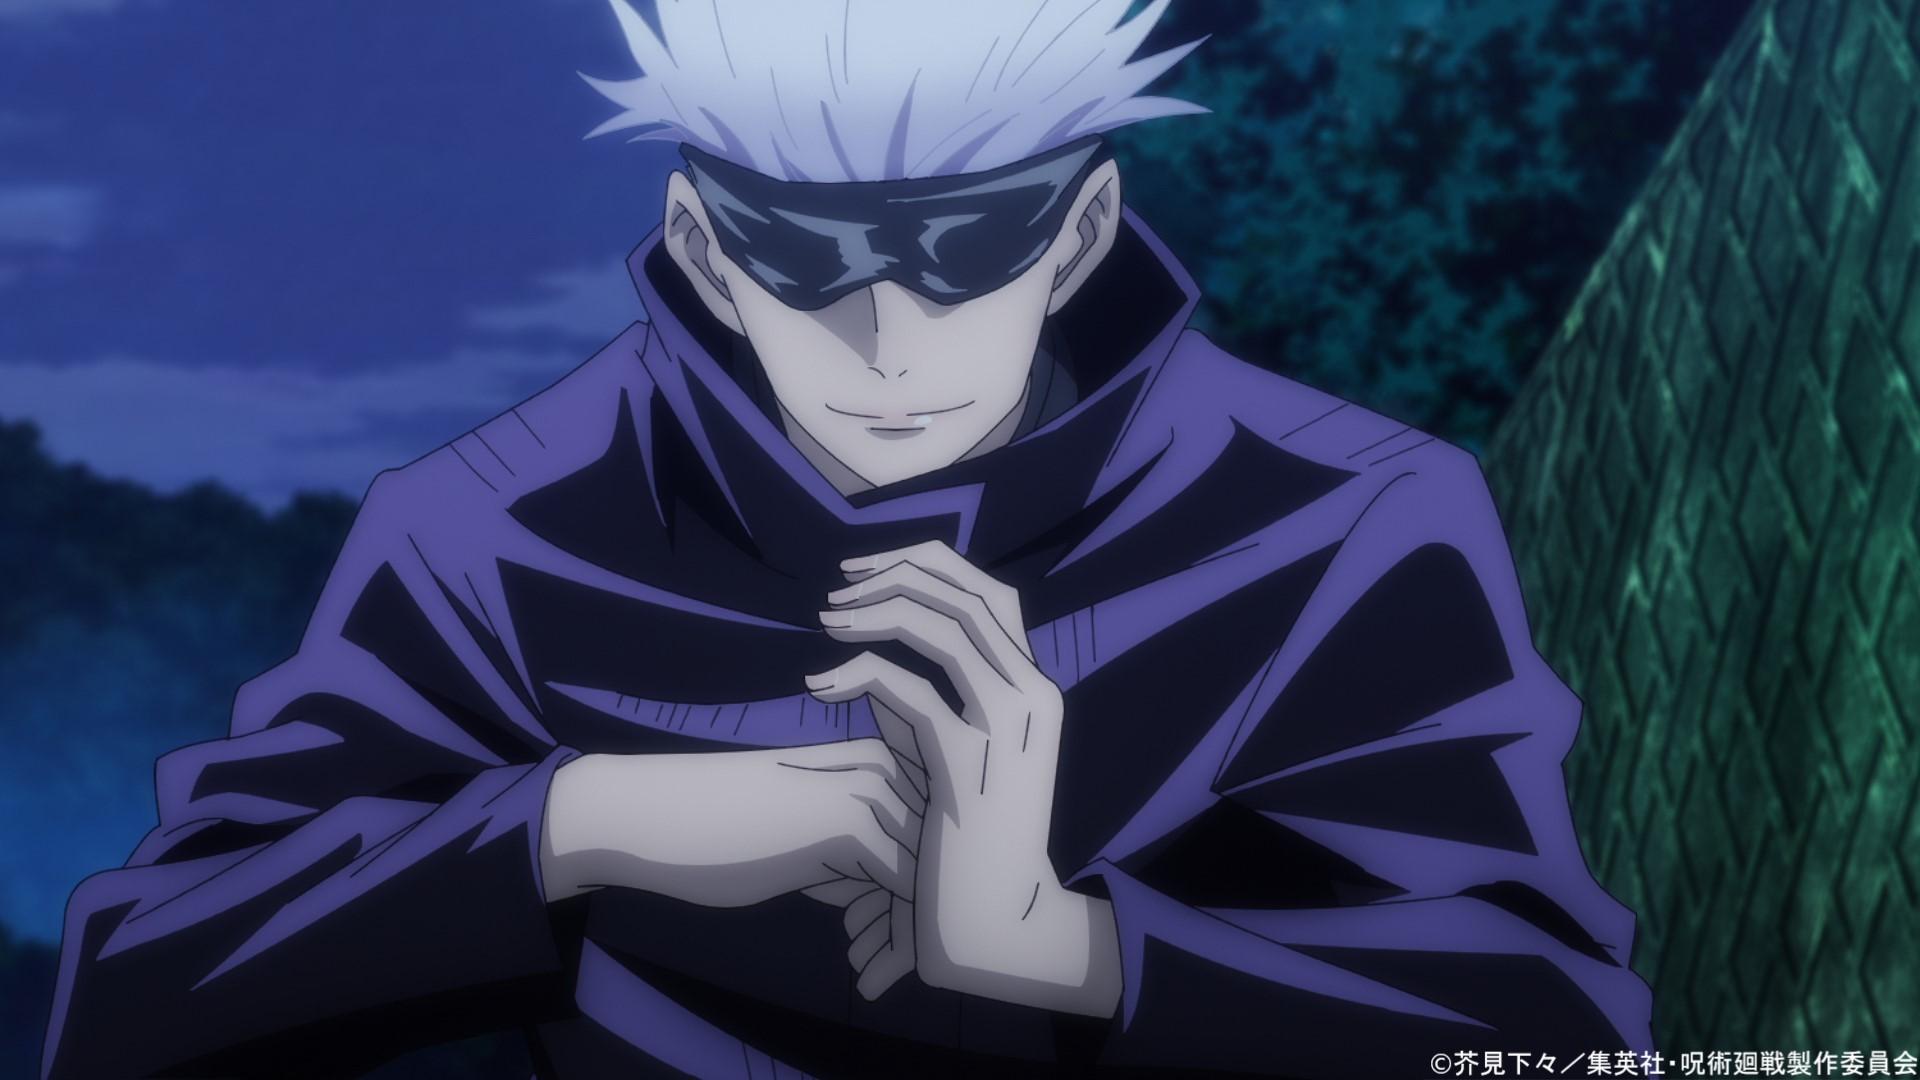 【呪術廻戦】の主要登場人物の設定とアニメの声優は誰?プロフィールも